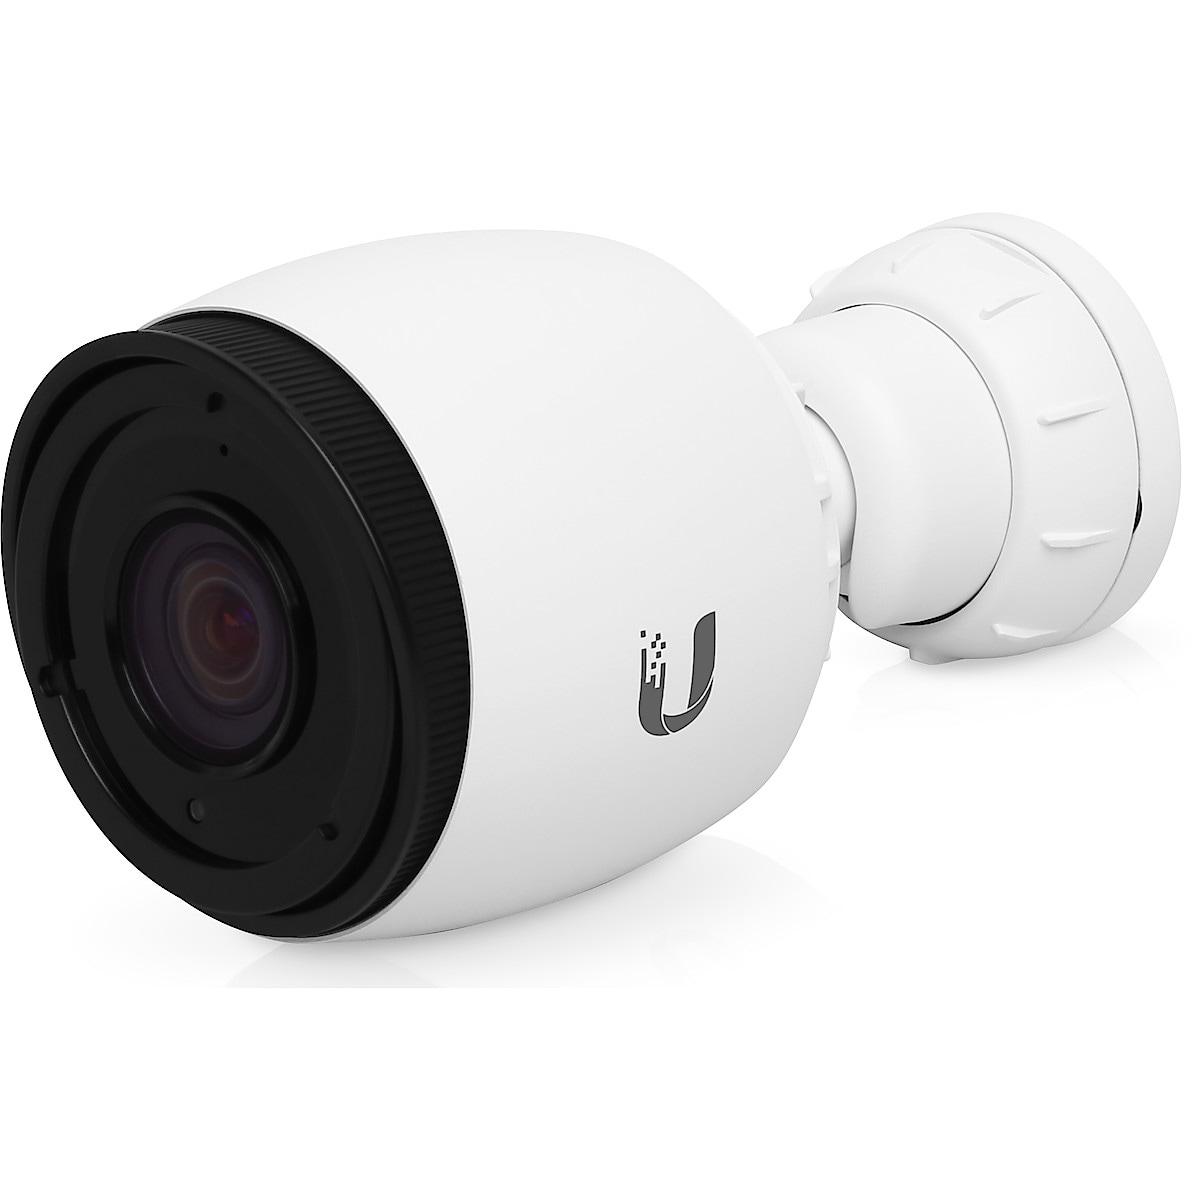 Övervakningskamera Ubiquiti UniFi UVC-G3-PRO